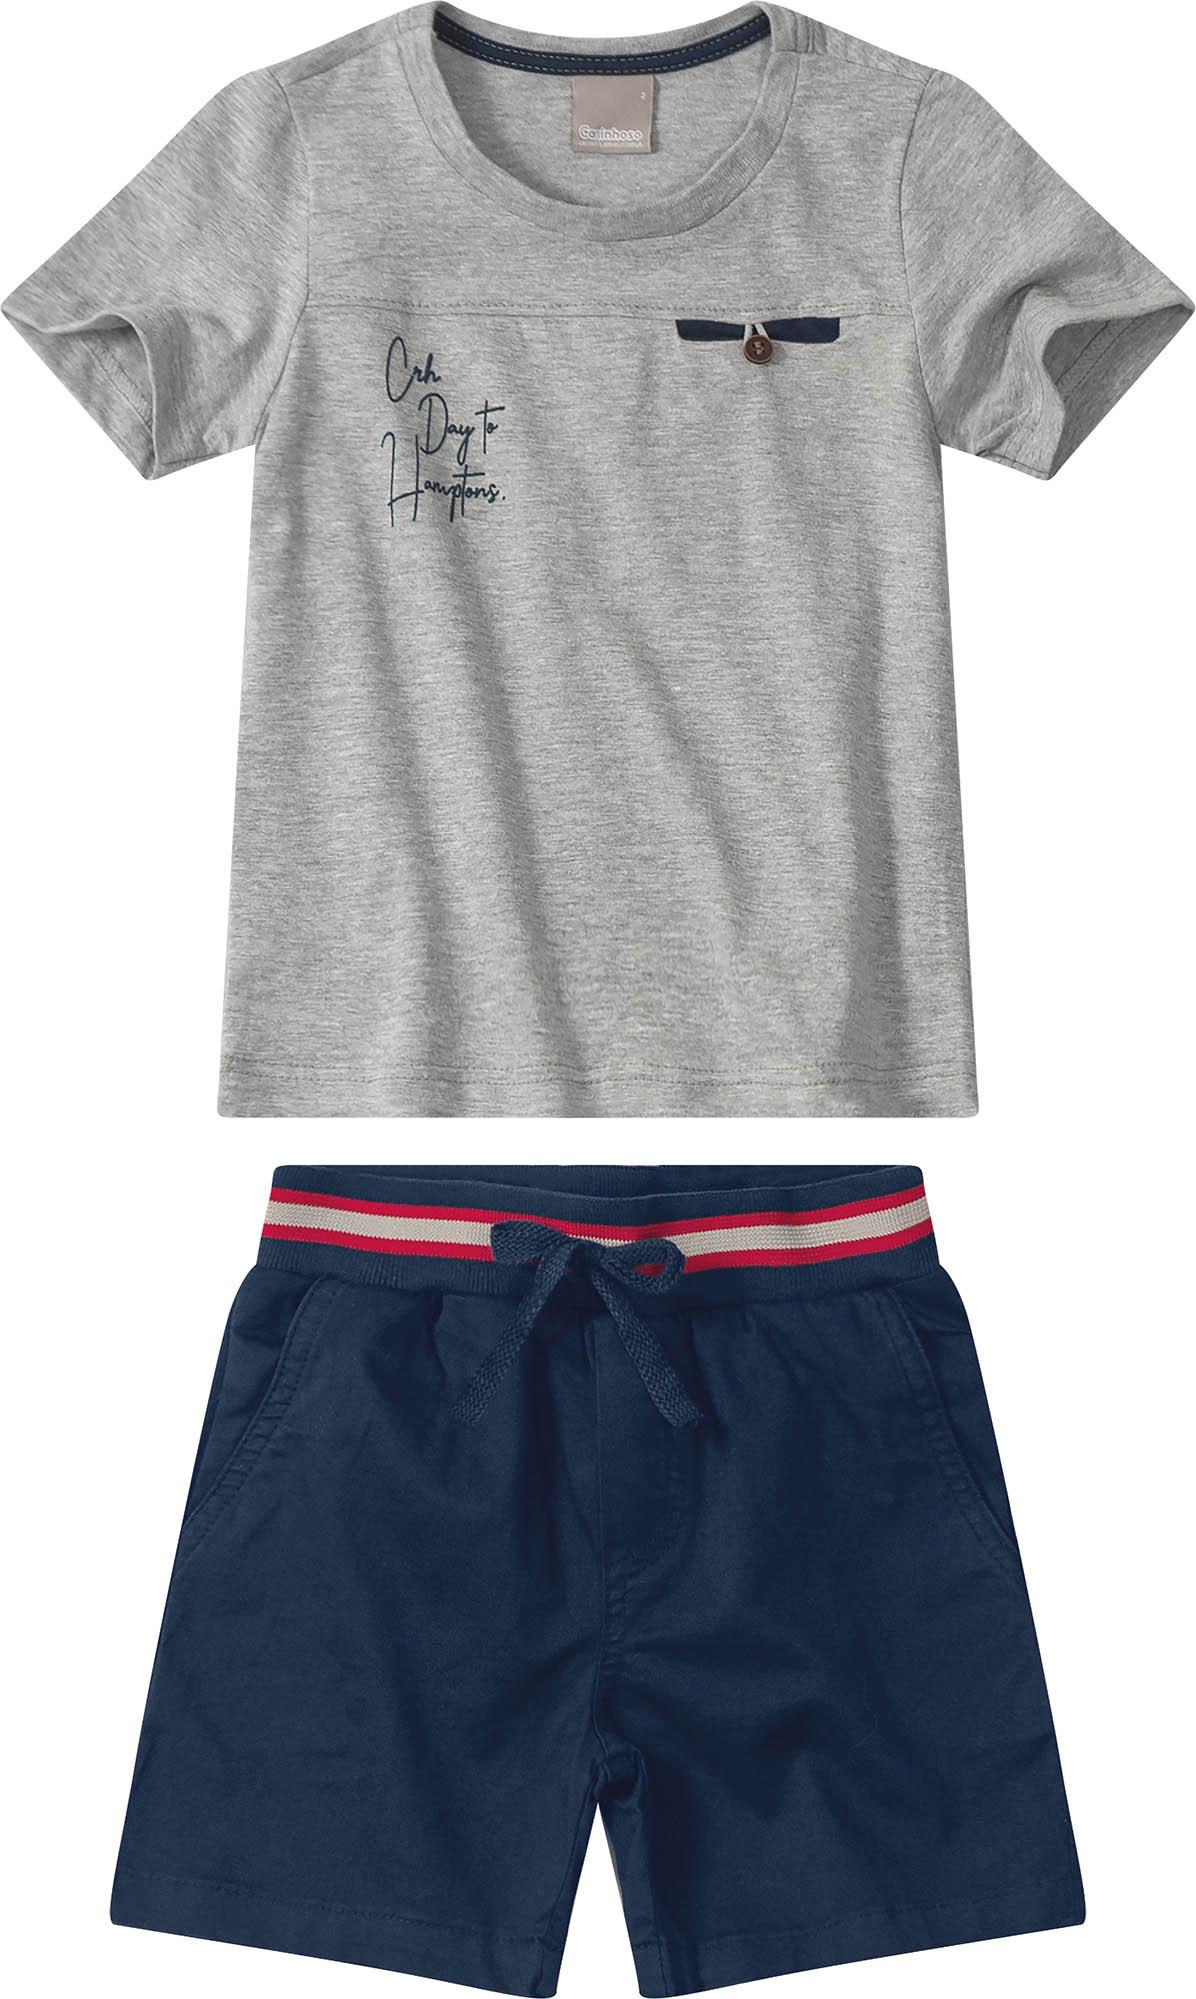 Conjunto Camiseta meia malha Cinza com Bermuda sarja Azul Marinho - Tam 04 a 08 anos